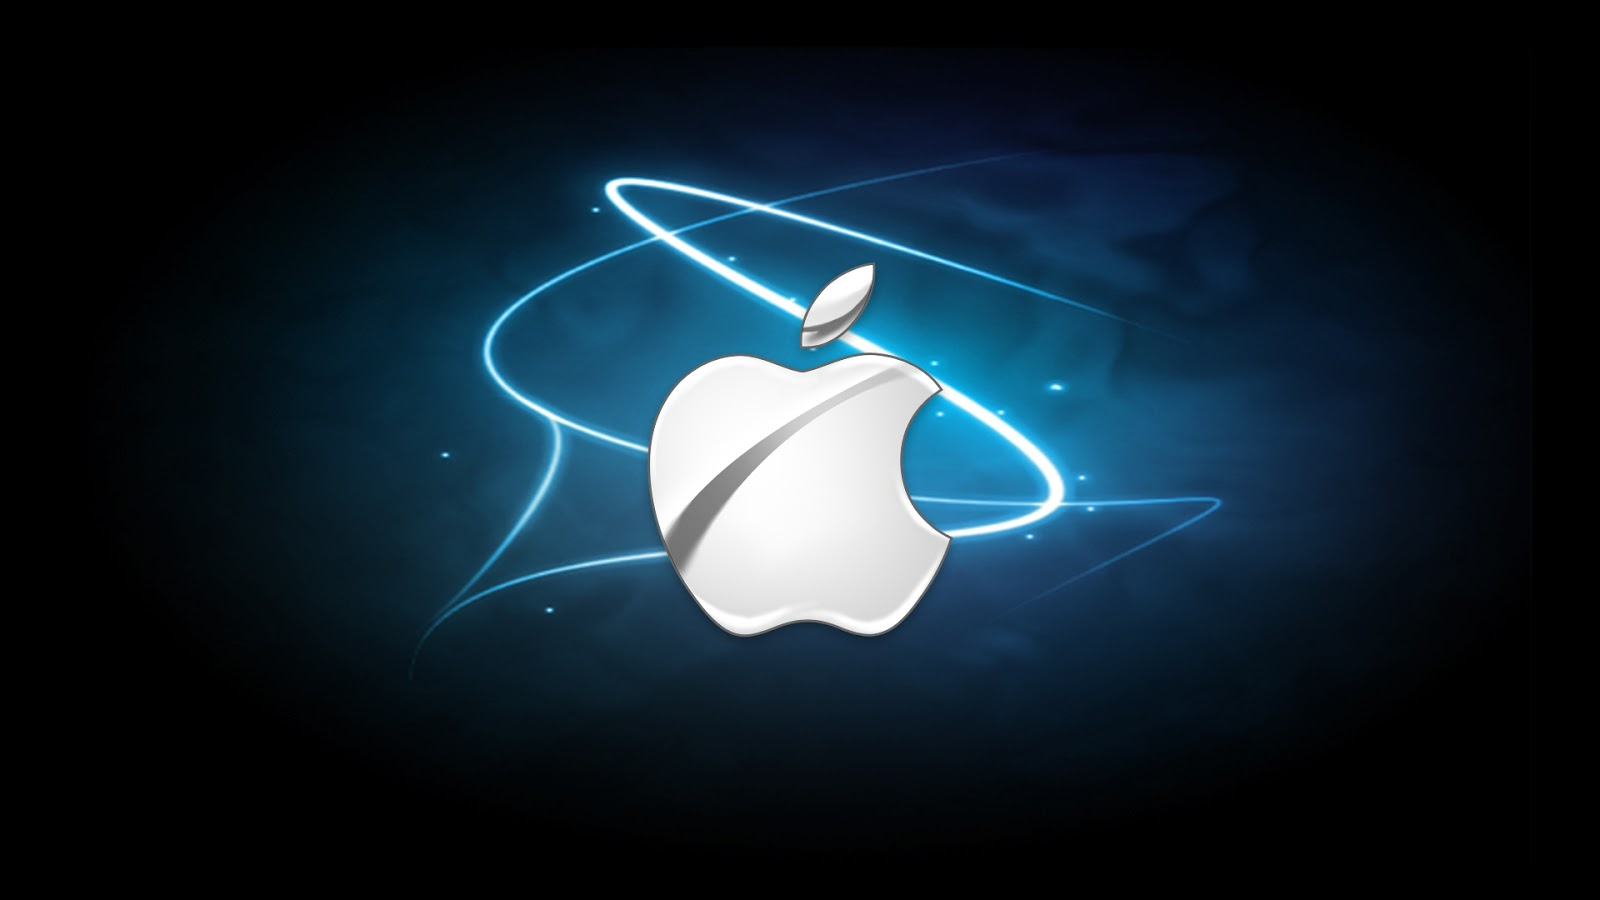 تفاصيل مؤتمر أبل Apple 2015